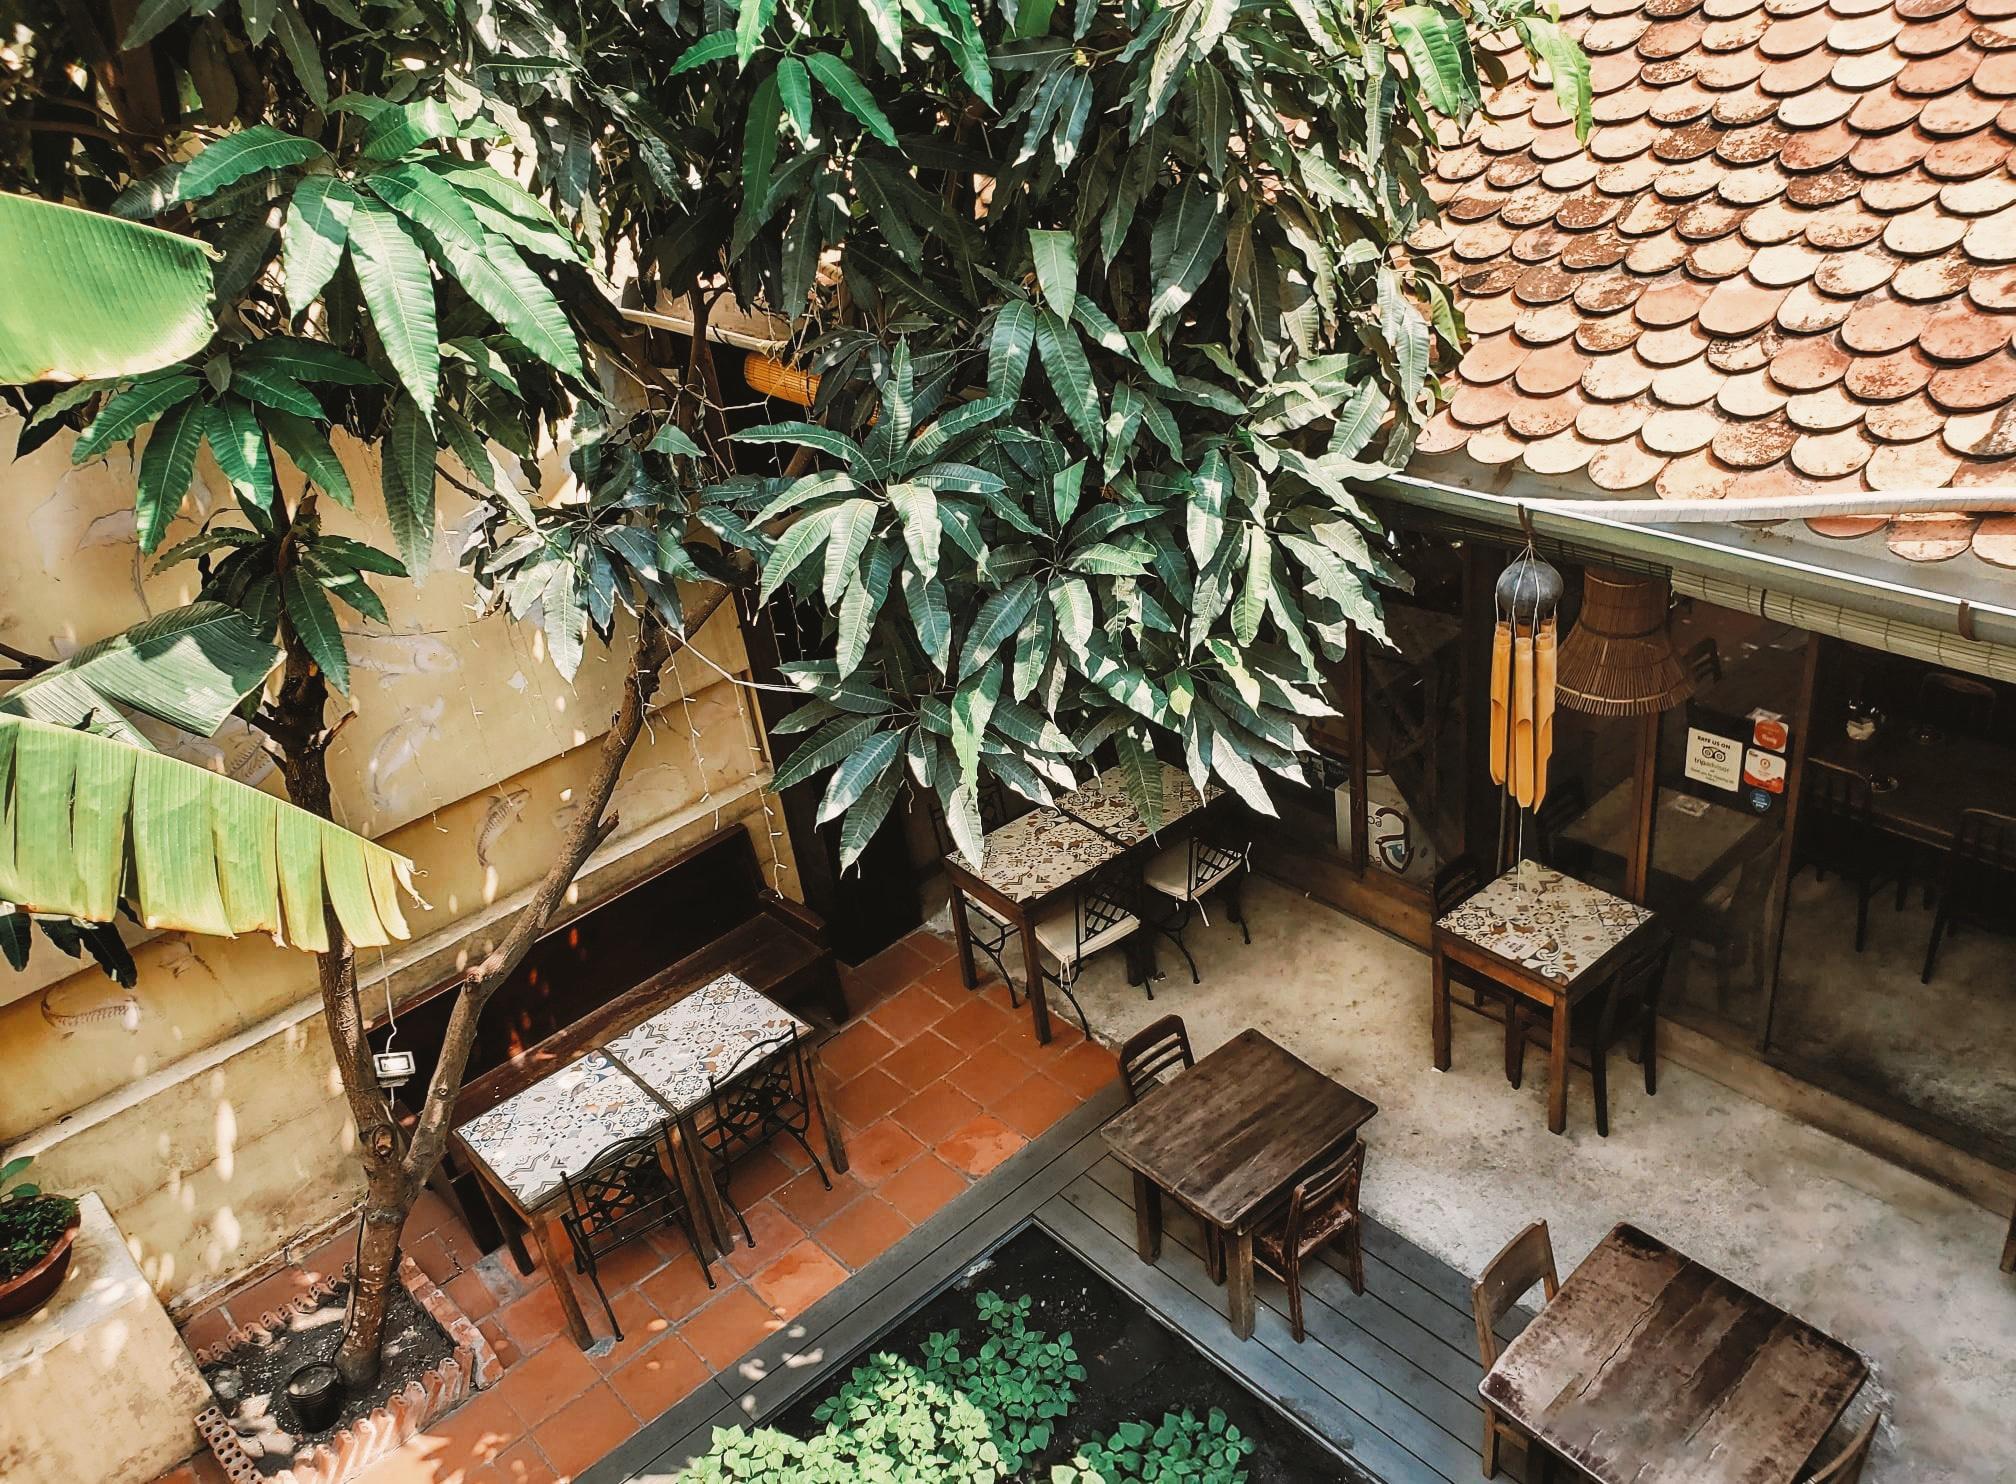 5 nhà hàng lí tưởng dành cho gia đình nhân dịp Trung thu ở TP HCM - Ảnh 2.